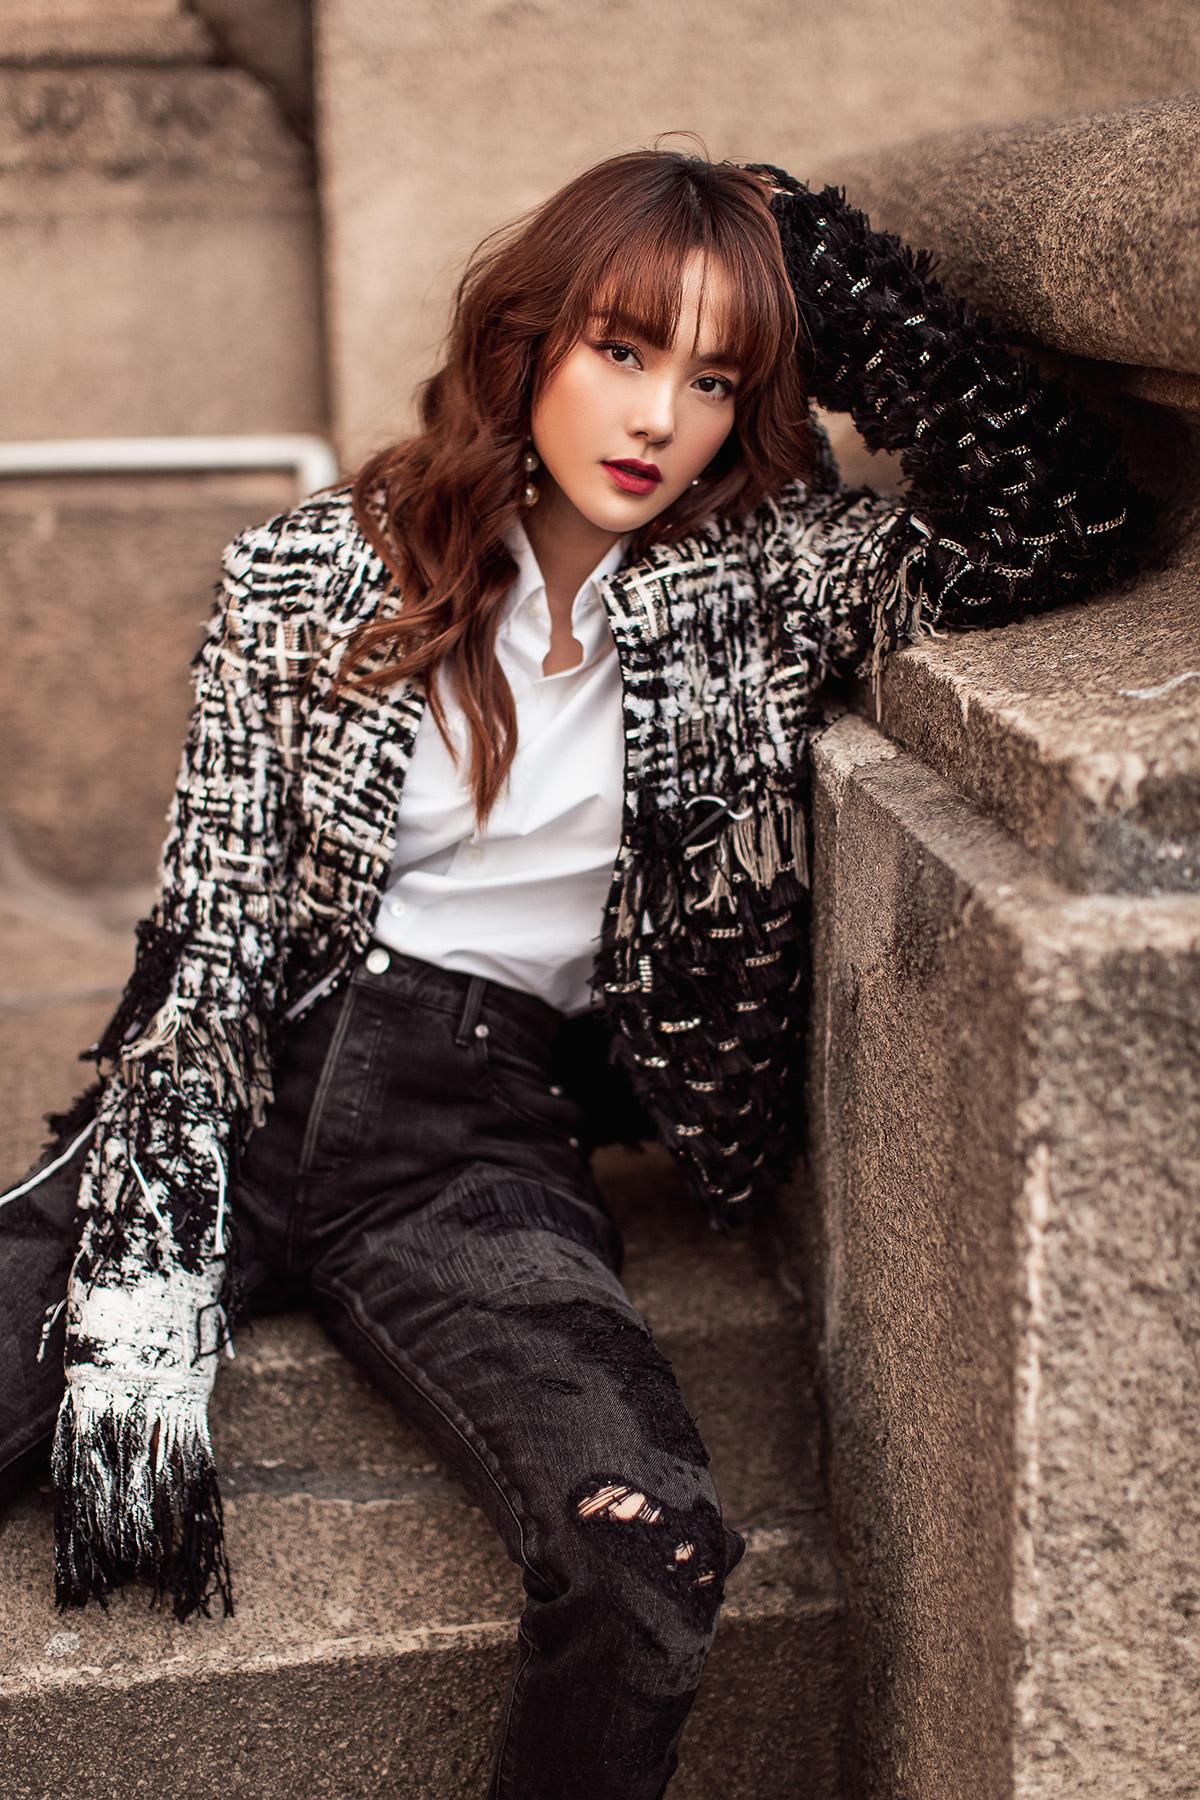 Sơ mi trắng, quần jeans đơn giản được Minh Hằng làm mới khi phối thêm cùng áo khoác vải tweed với hiệu ứng loang màu đậm, nhạt độc đáo.